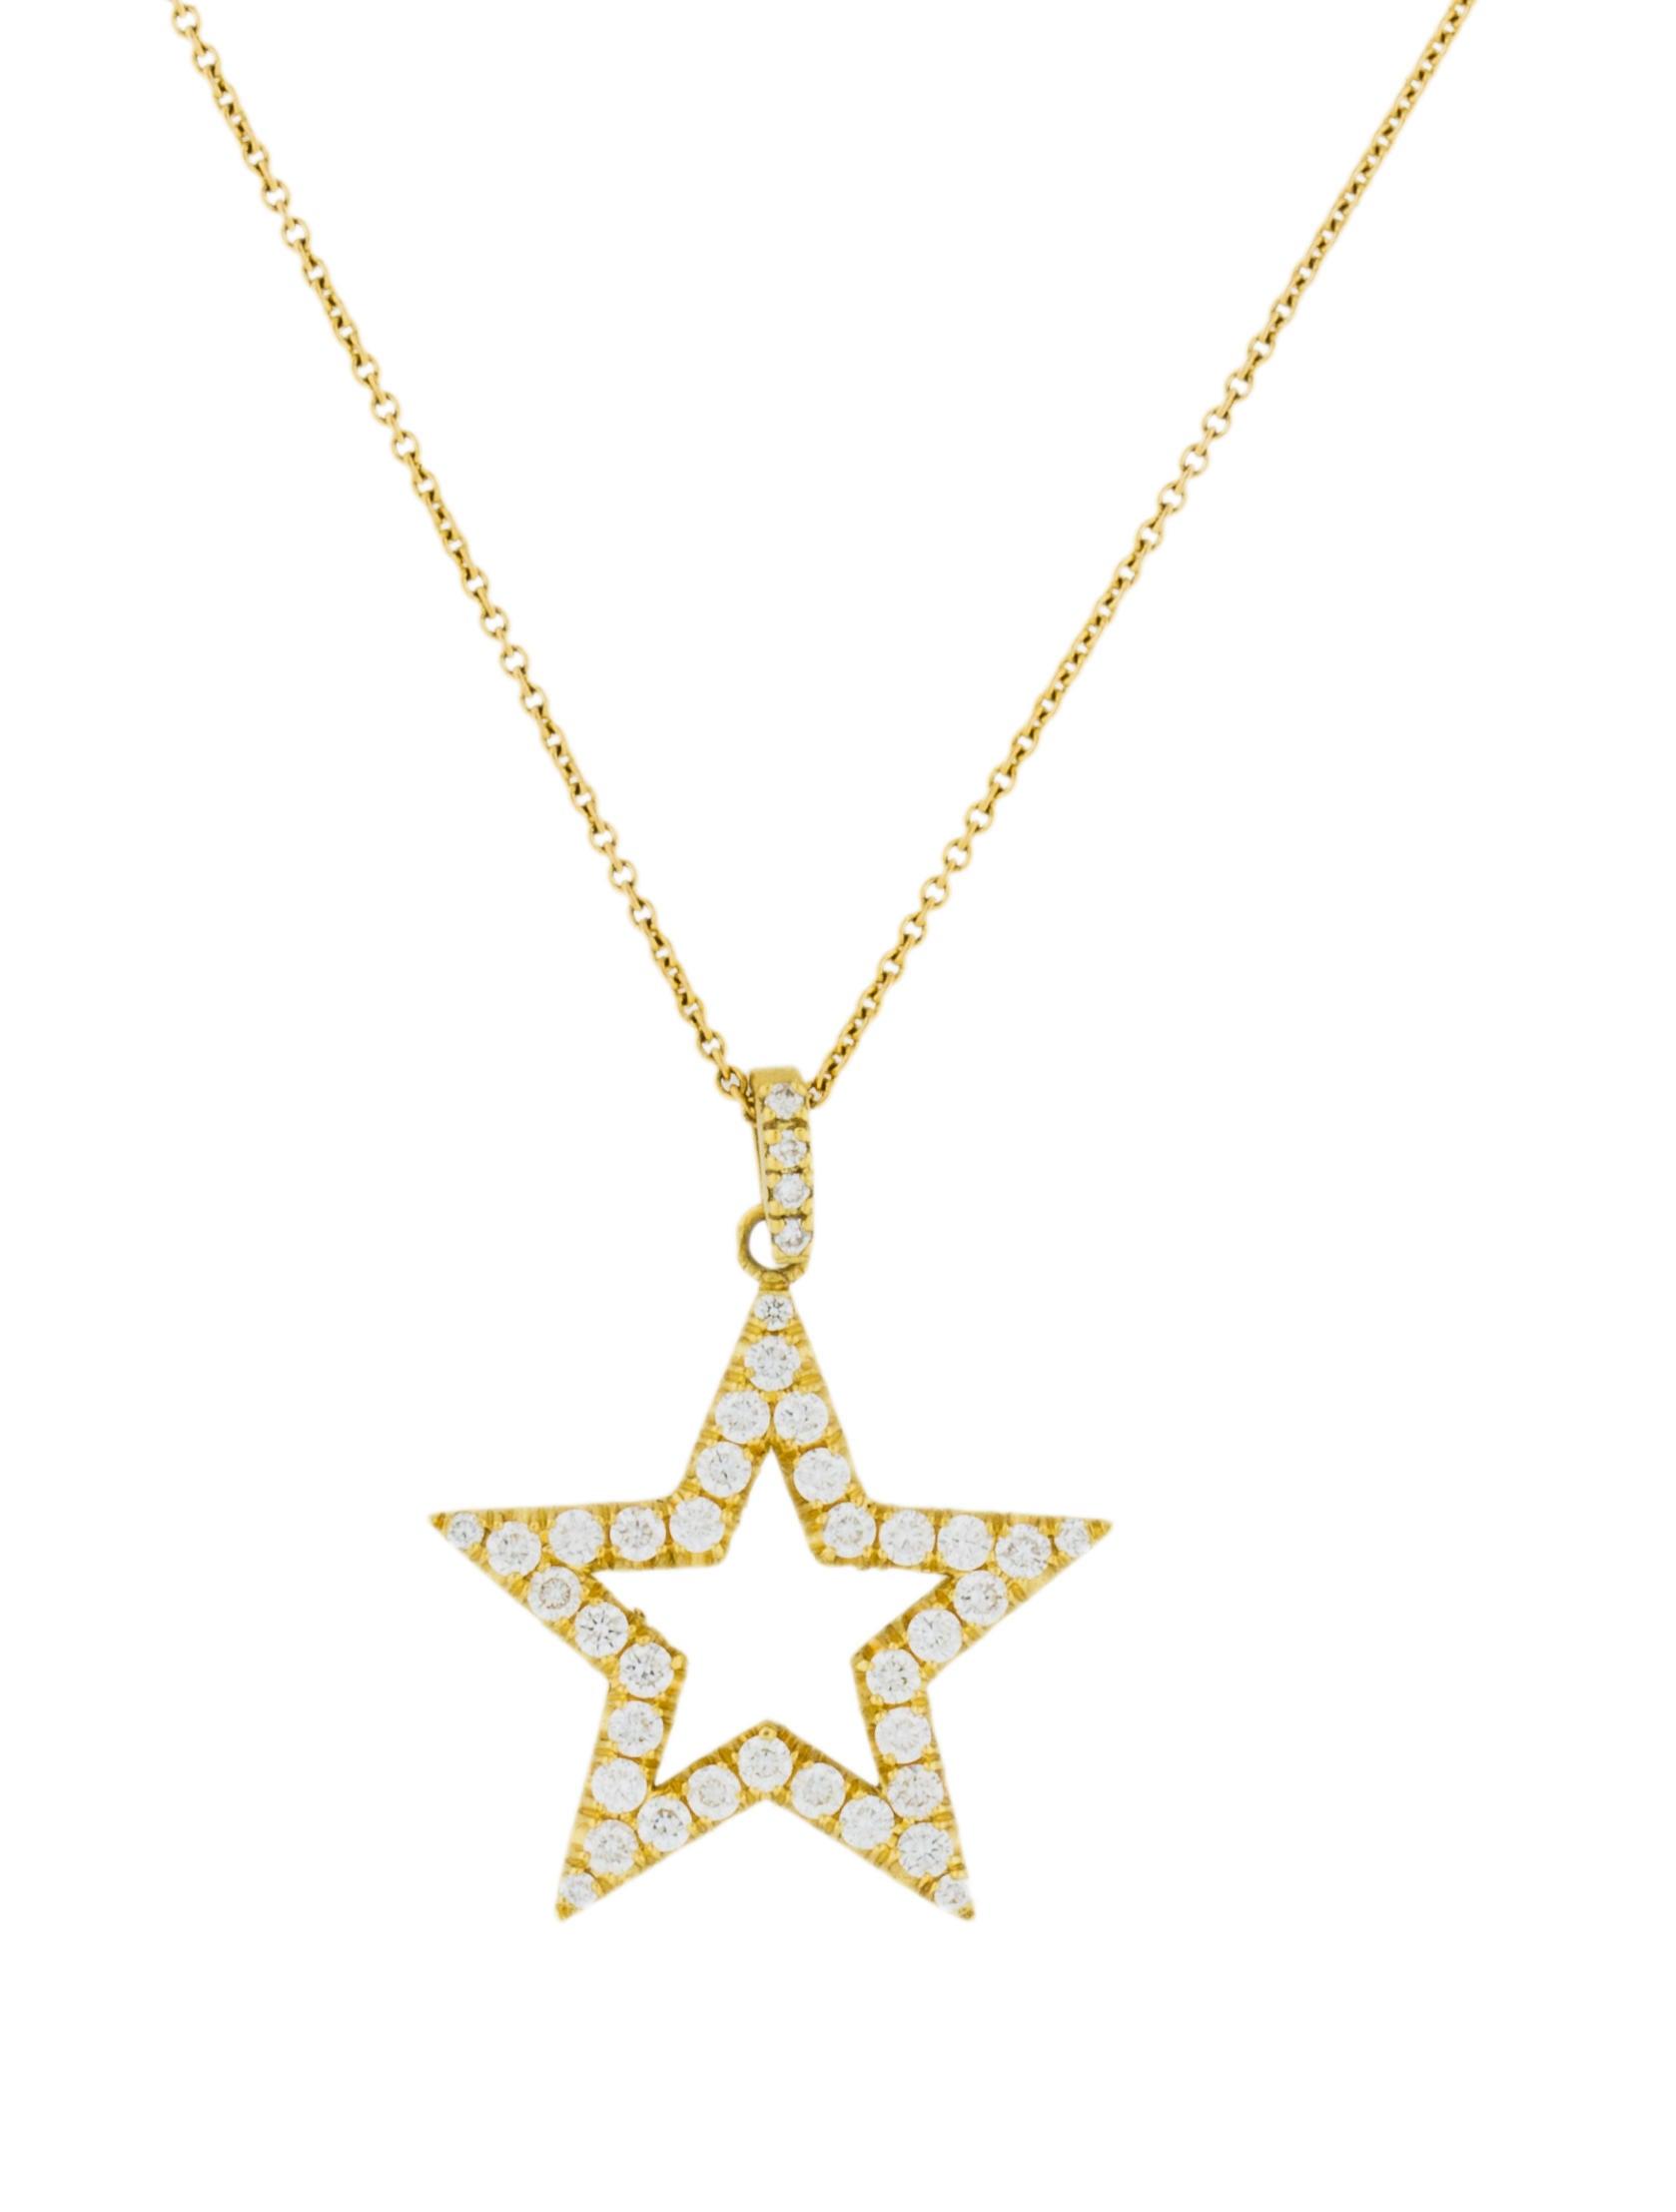 Jennifer meyer open star pendant necklace necklaces jem20322 open star pendant necklace aloadofball Choice Image